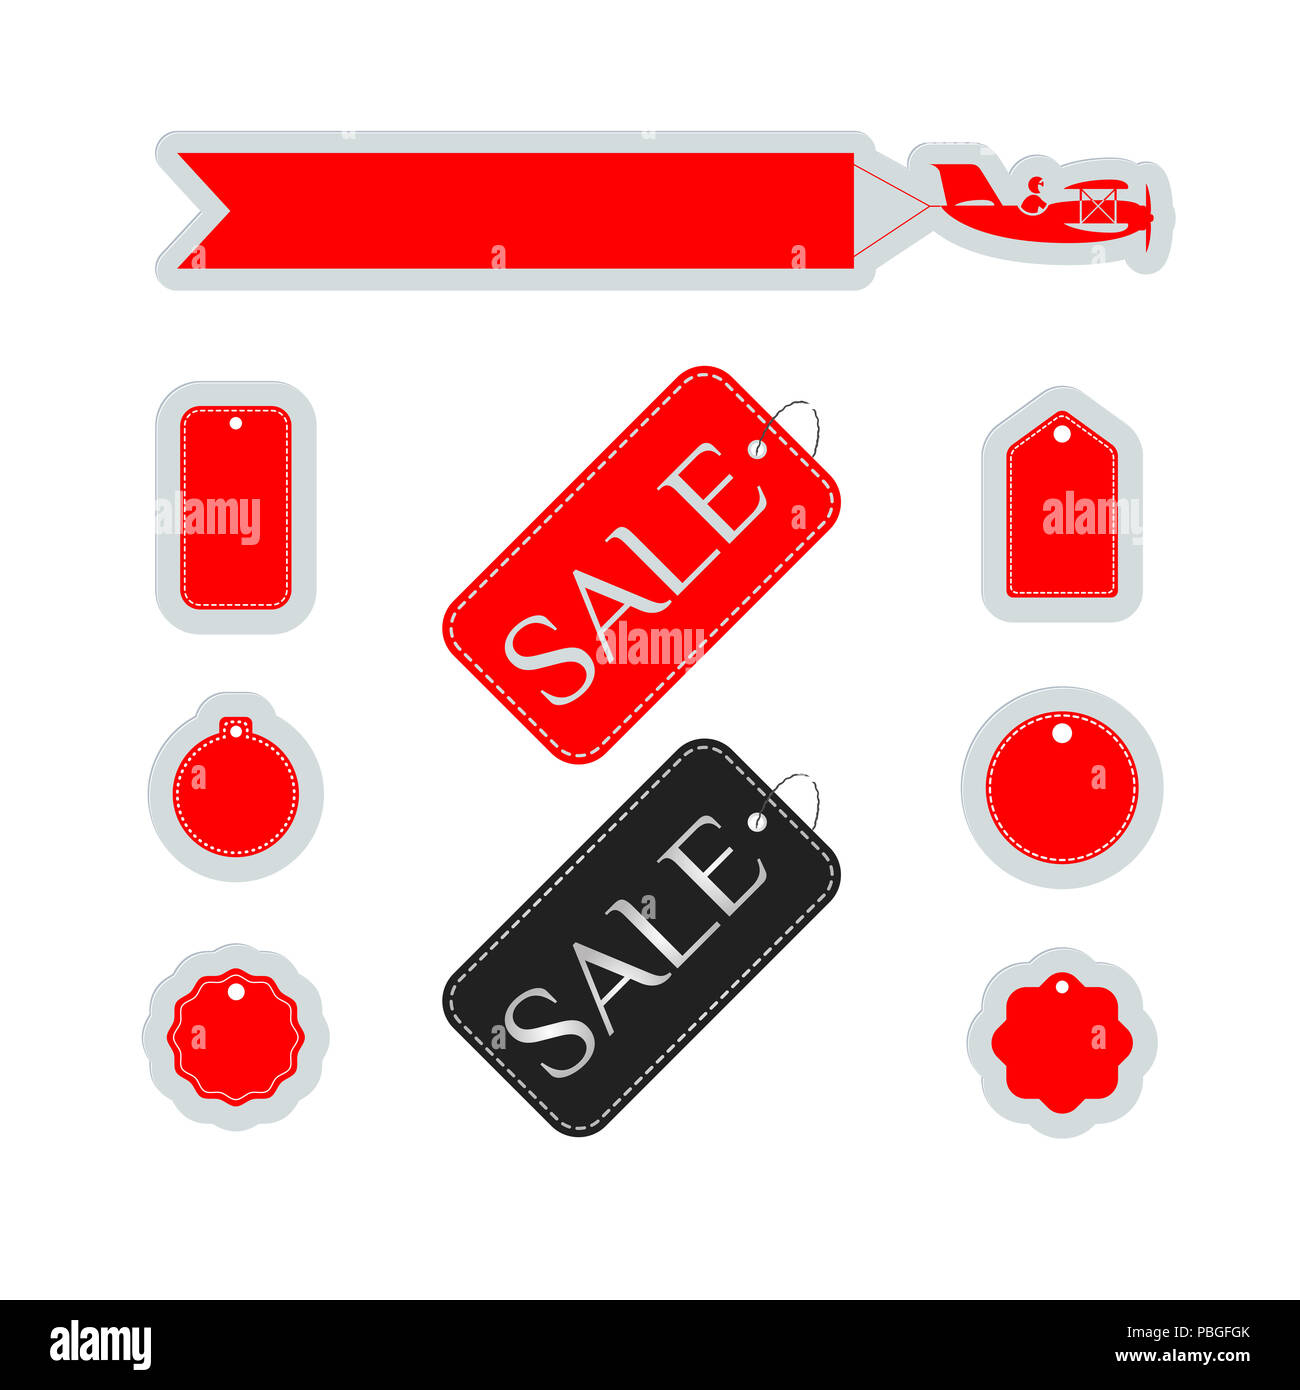 Compra y venta. Etiquetas de compras, elementos de diseño para diseño Web, banners, presentaciones o tarjetas de negocios, volantes, folletos y carteles. Imagen De Stock